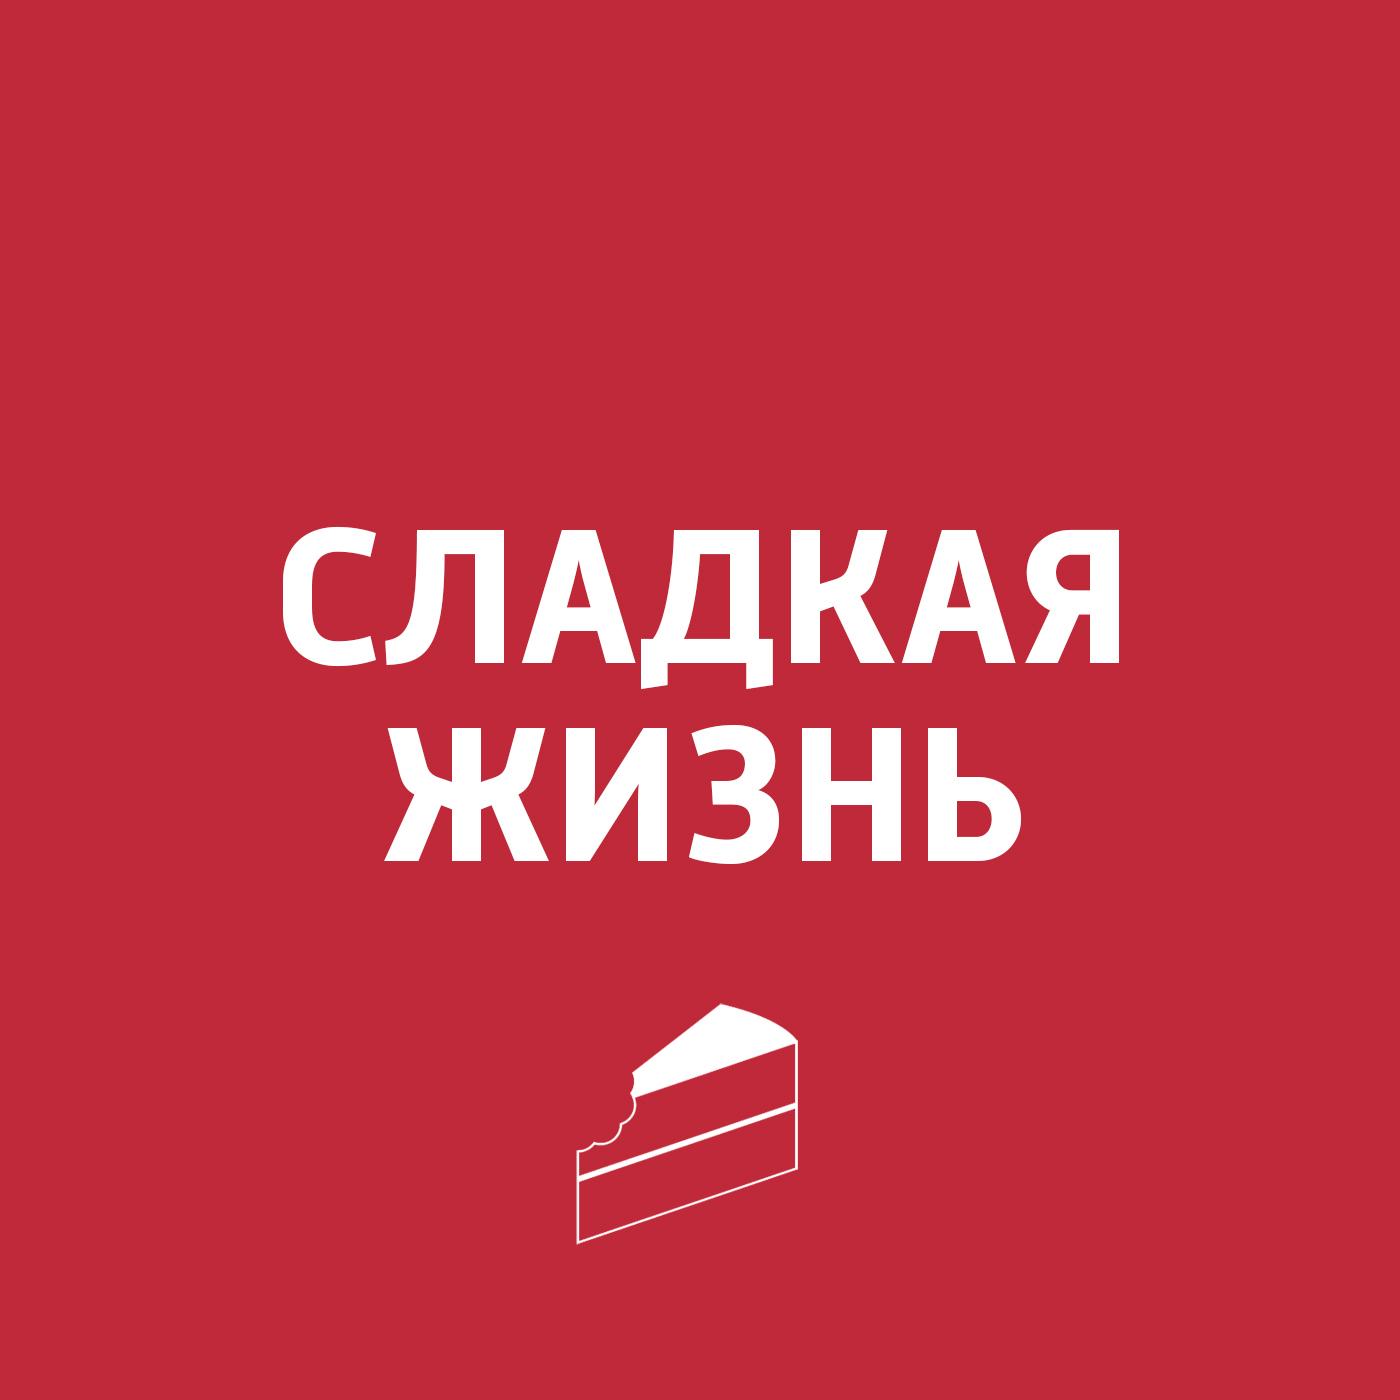 Картаев Павел Японская лепешка Моти картаев павел бискотти